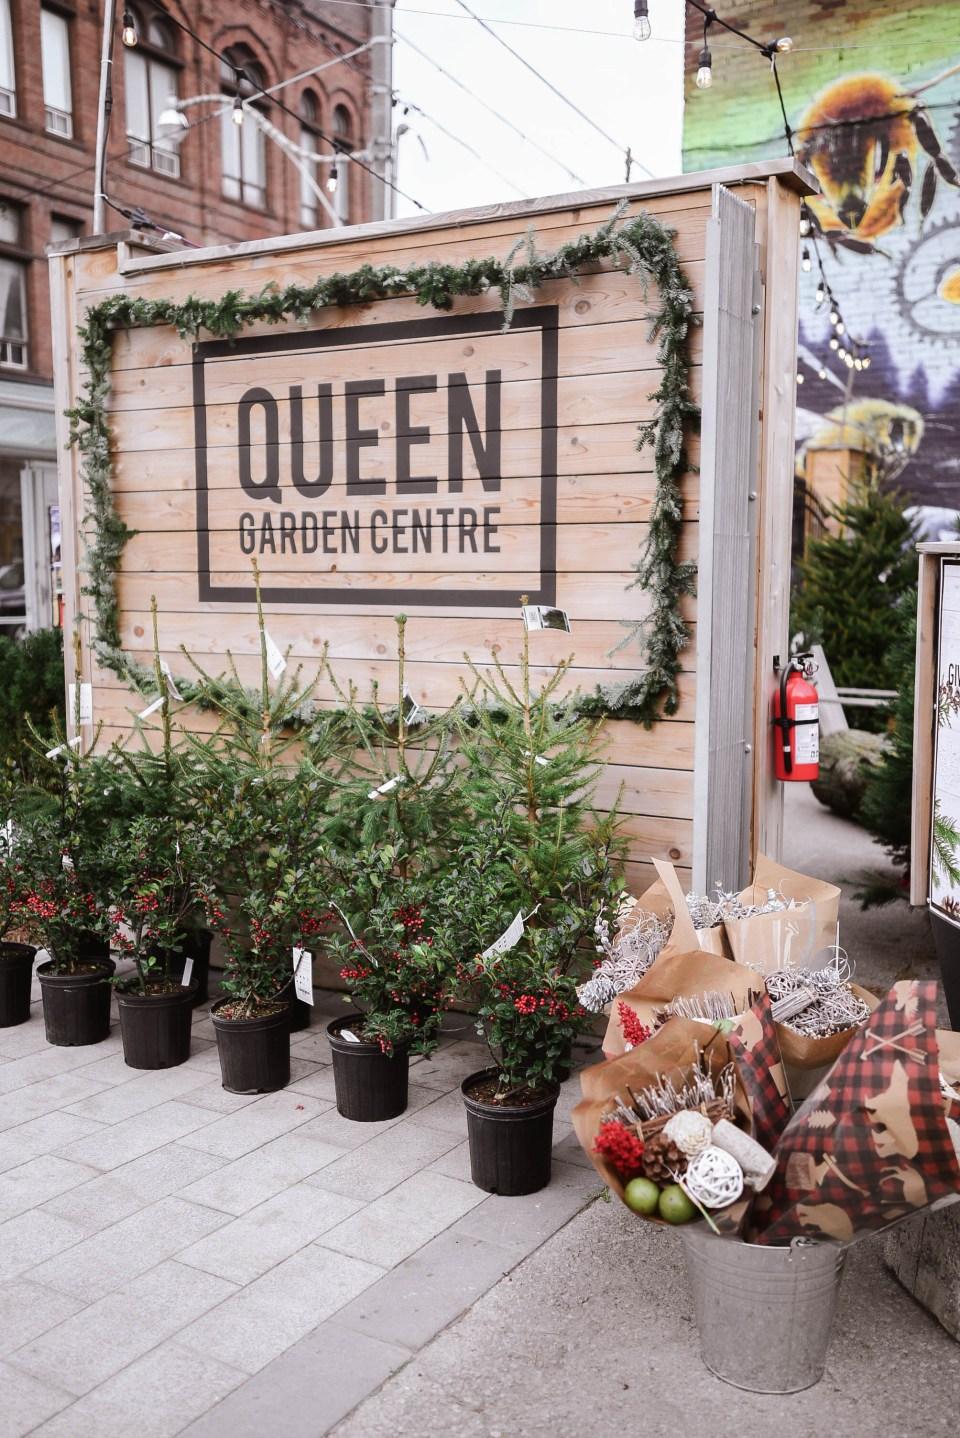 Queen Garden Centre Toronto - Christmas in the City